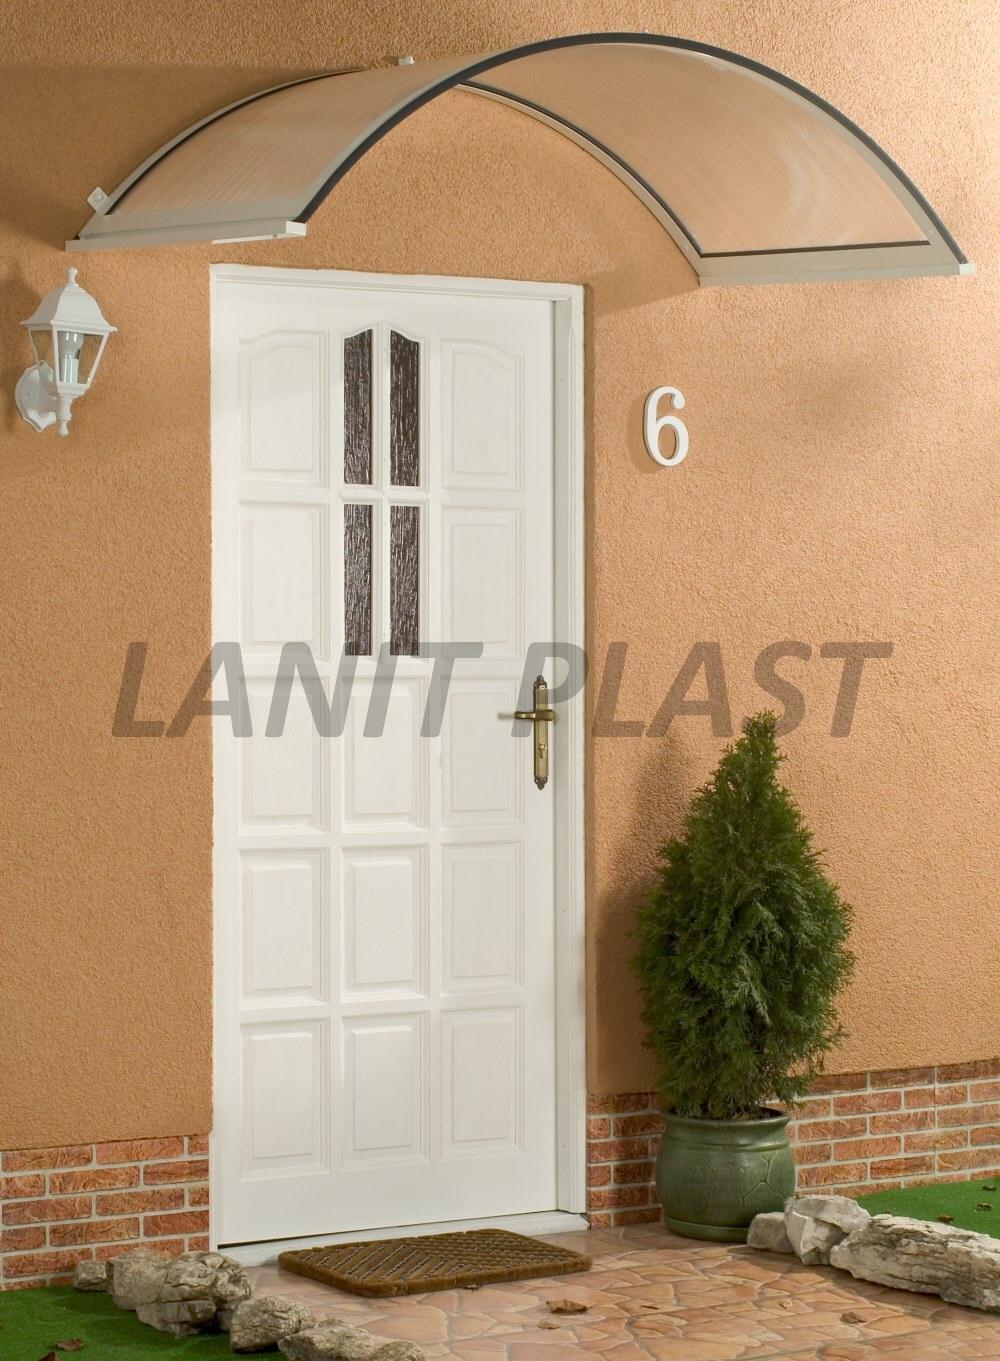 Vchodová stříška ONYX 200/90 bílá LANITPLAST